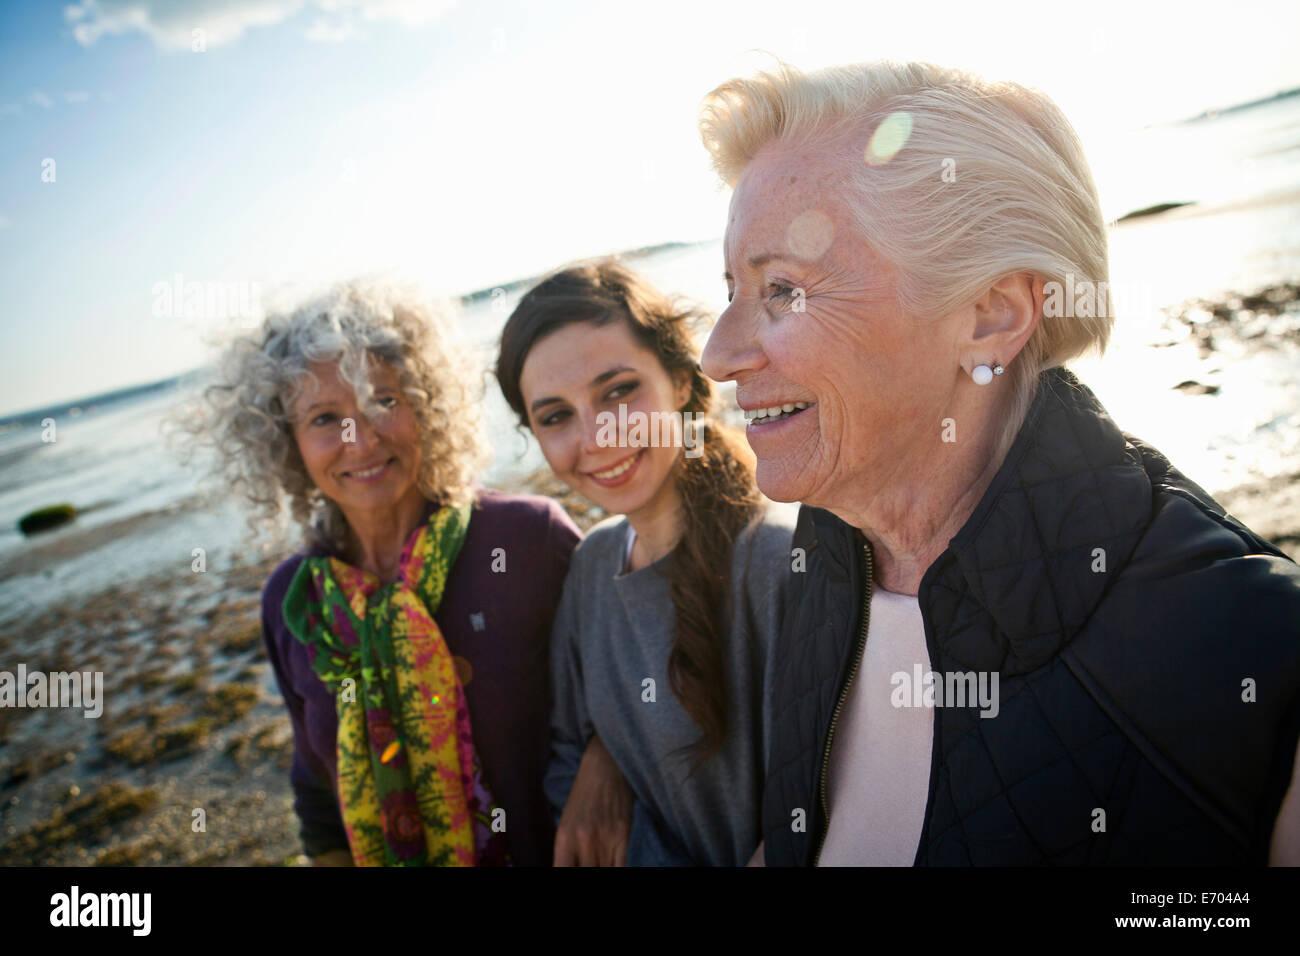 Les femmes de la famille chatting on beach Photo Stock